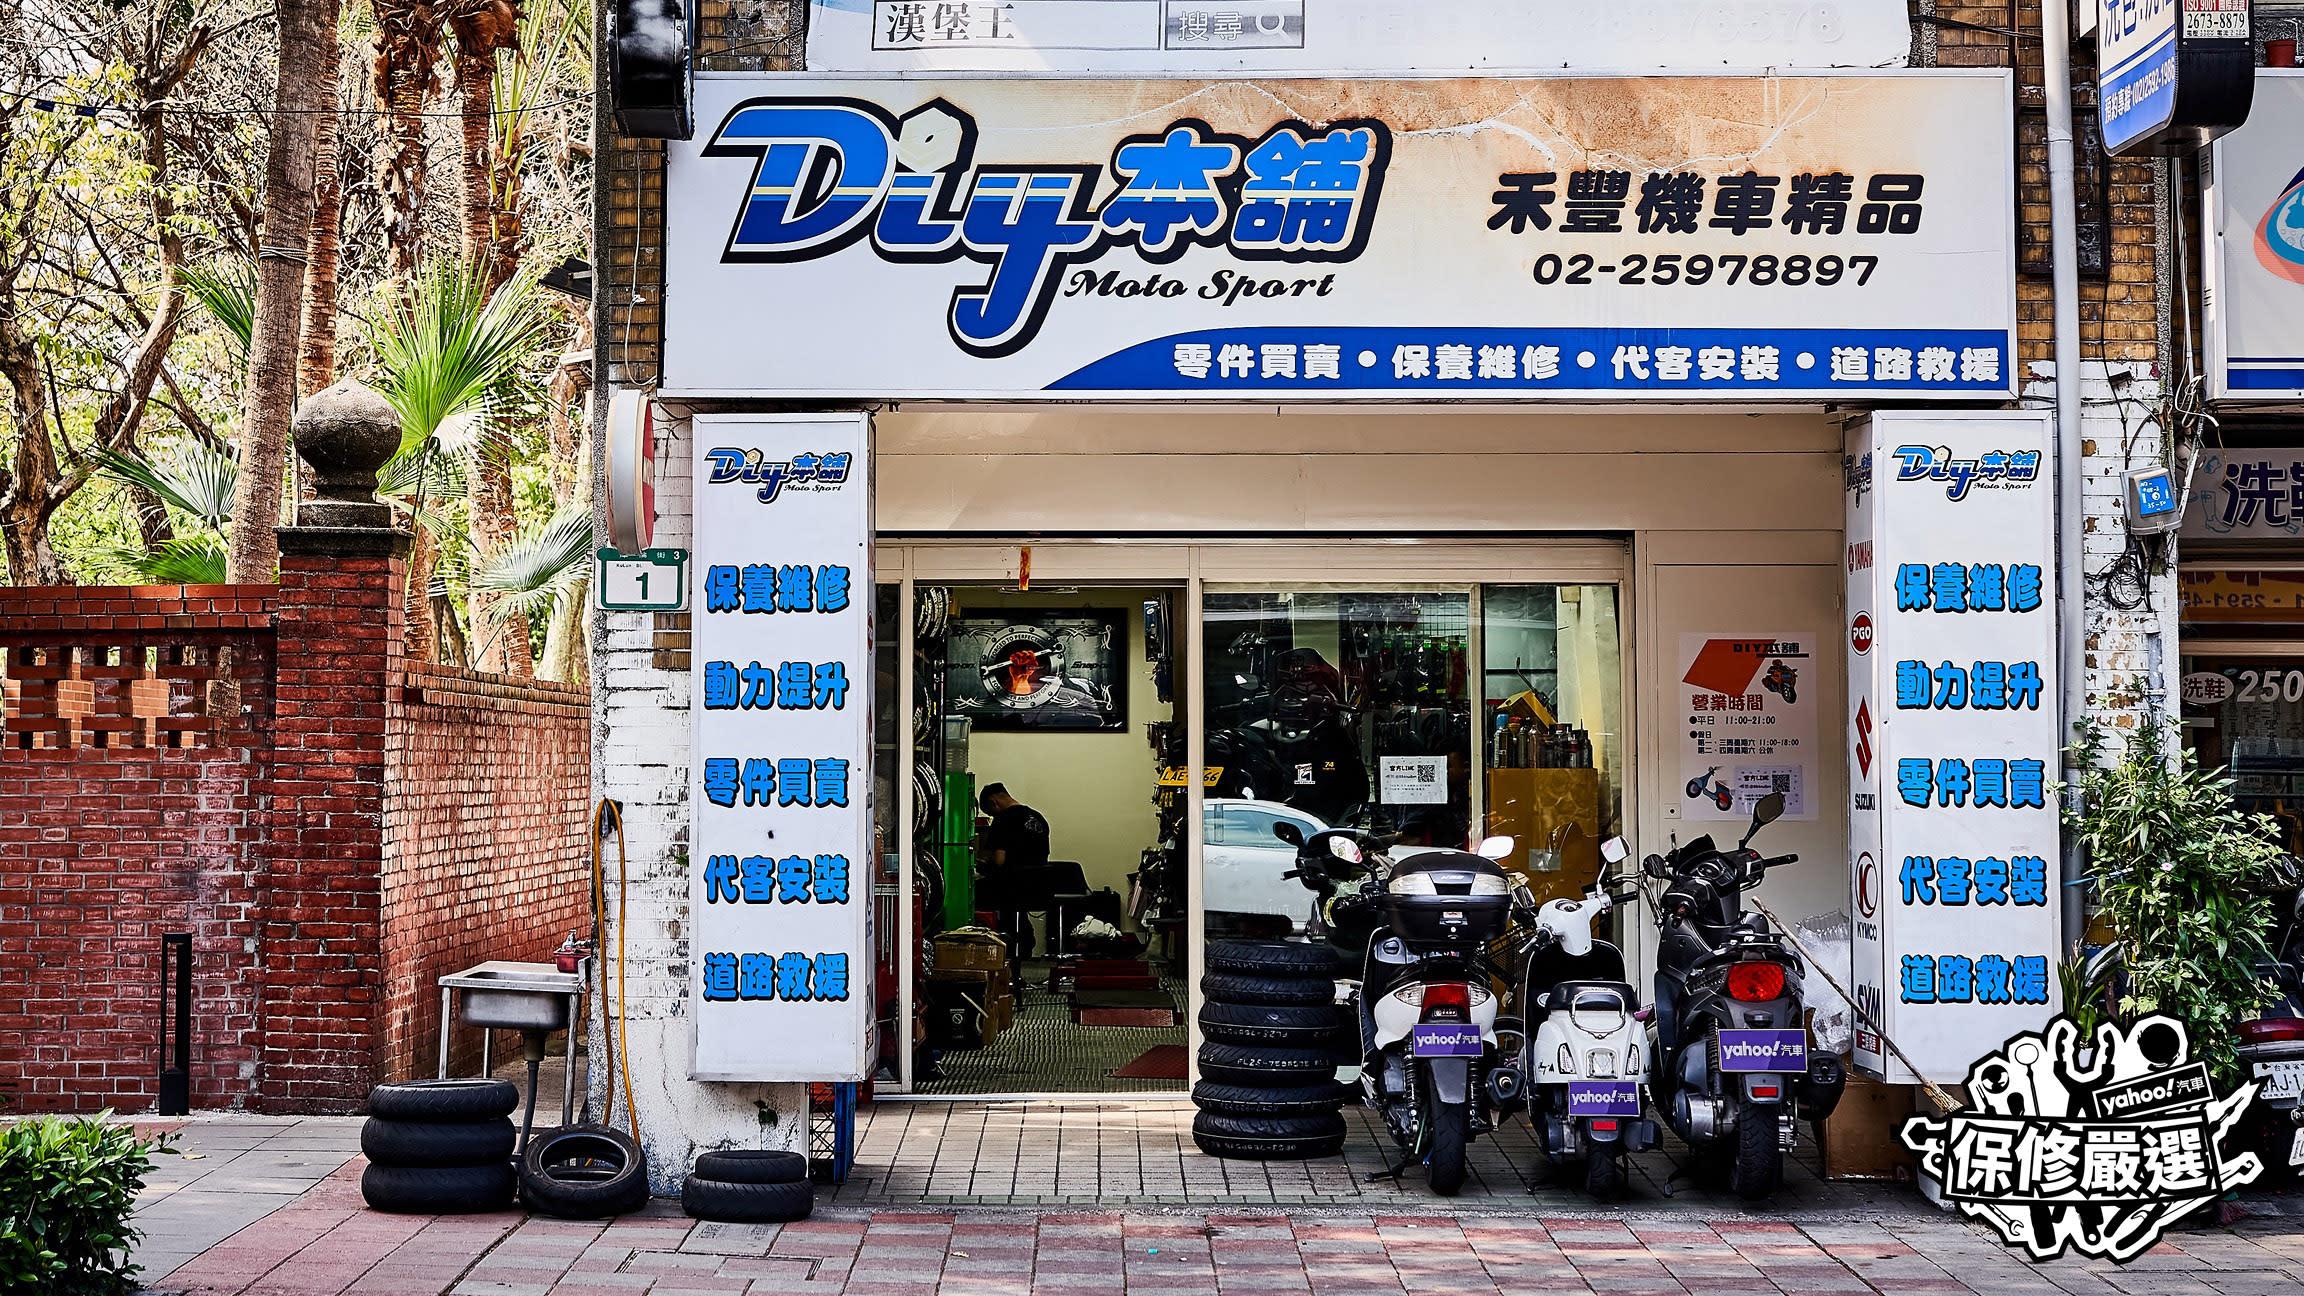 像是哆啦A夢百寶袋一樣的二輪寶庫!台北DIY本舖—禾豐機車精品!